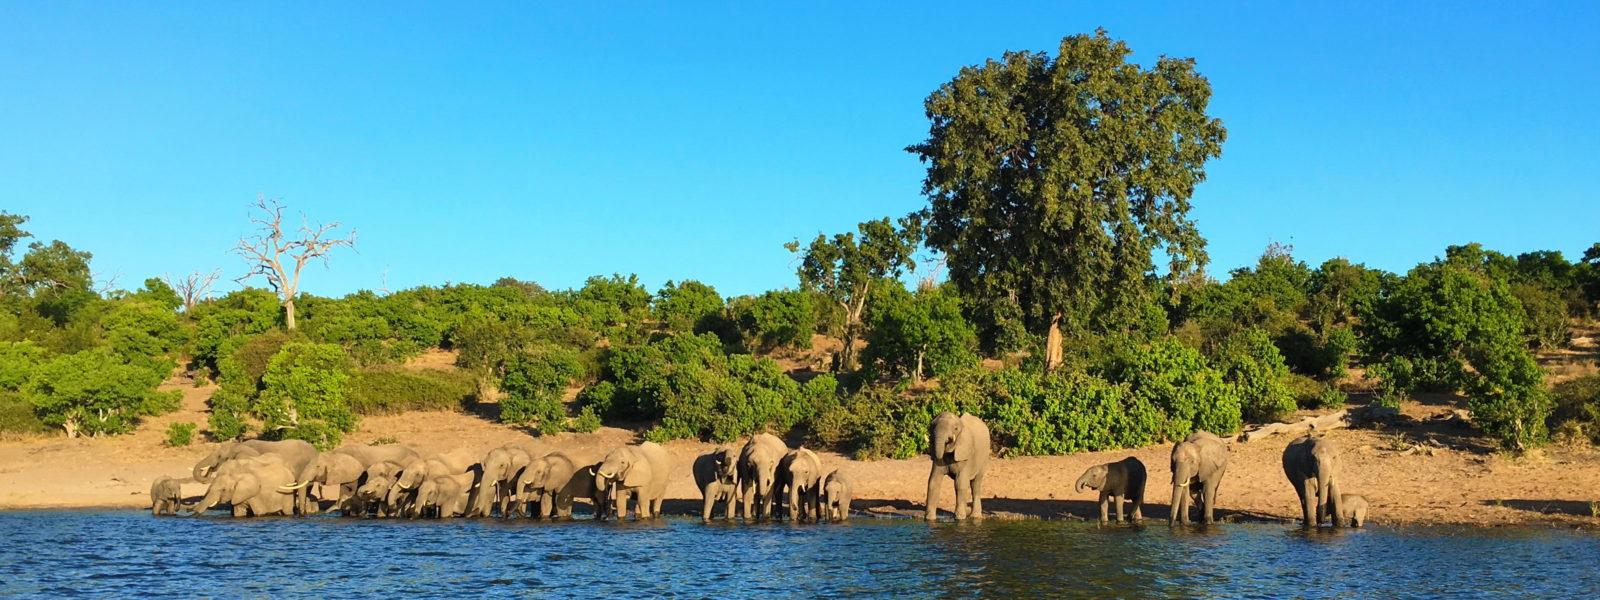 Divje zveri v bocvanski divjini